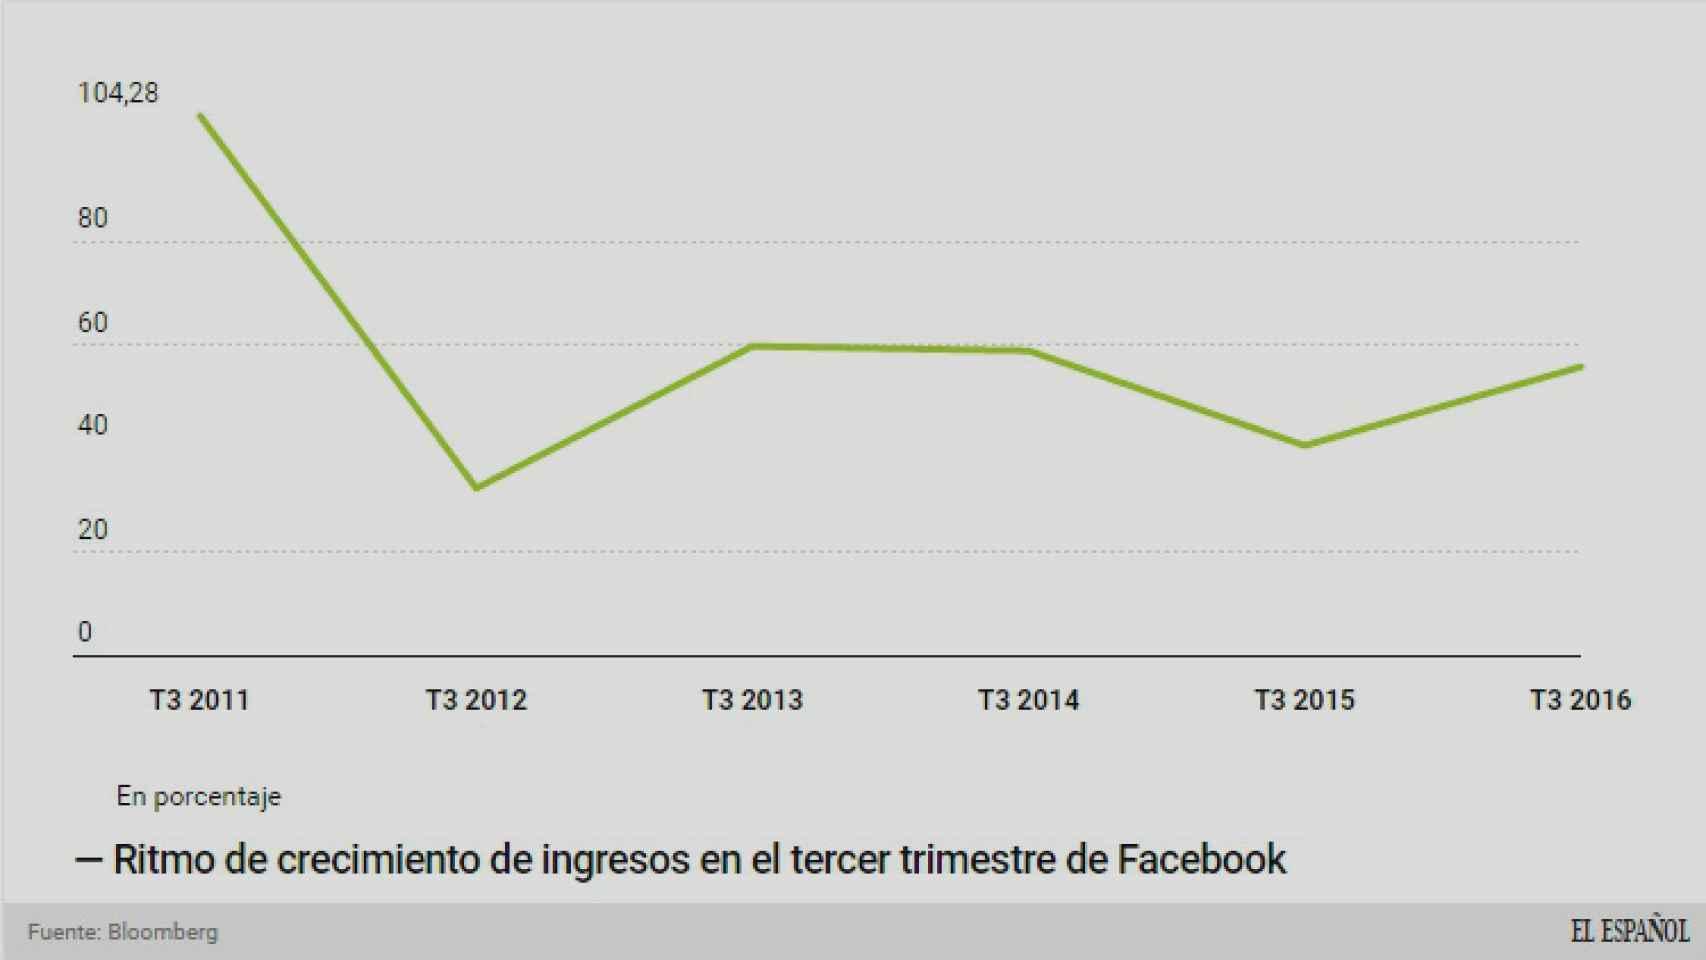 Ritmo de crecimiento de Facebook.